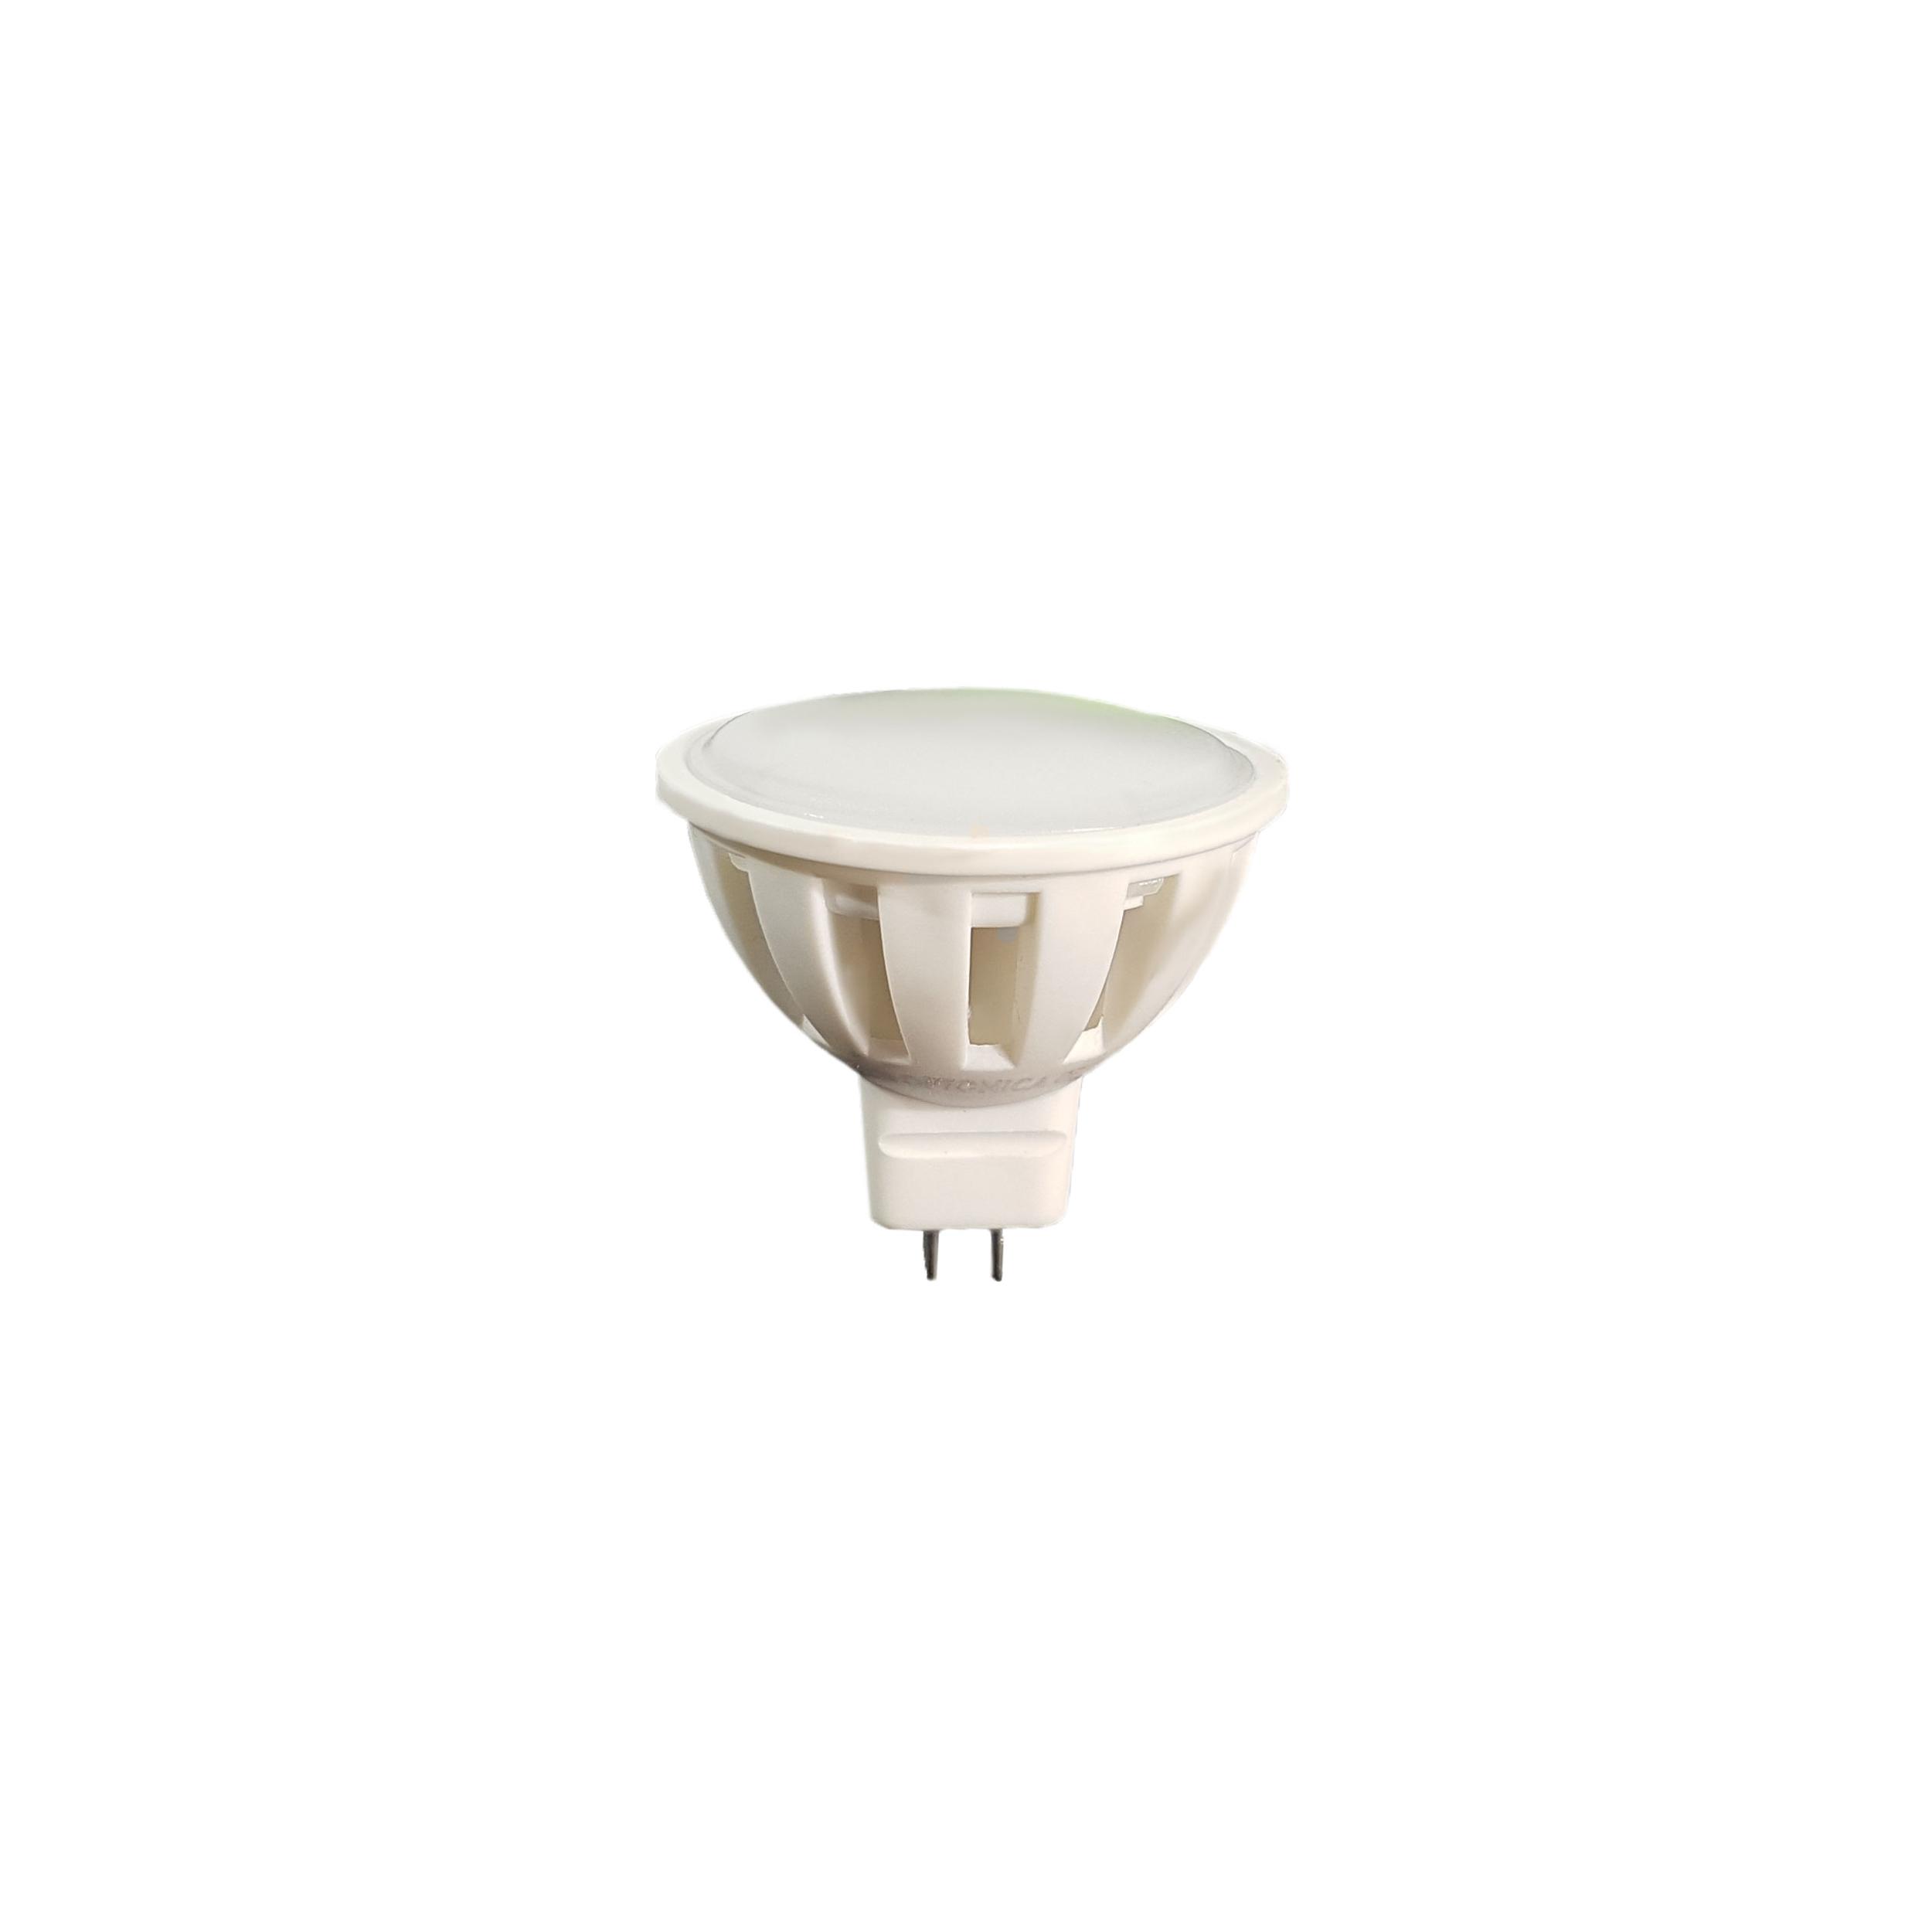 لامپ ال ای دی 5 وات کاربیست مدل ECO 5